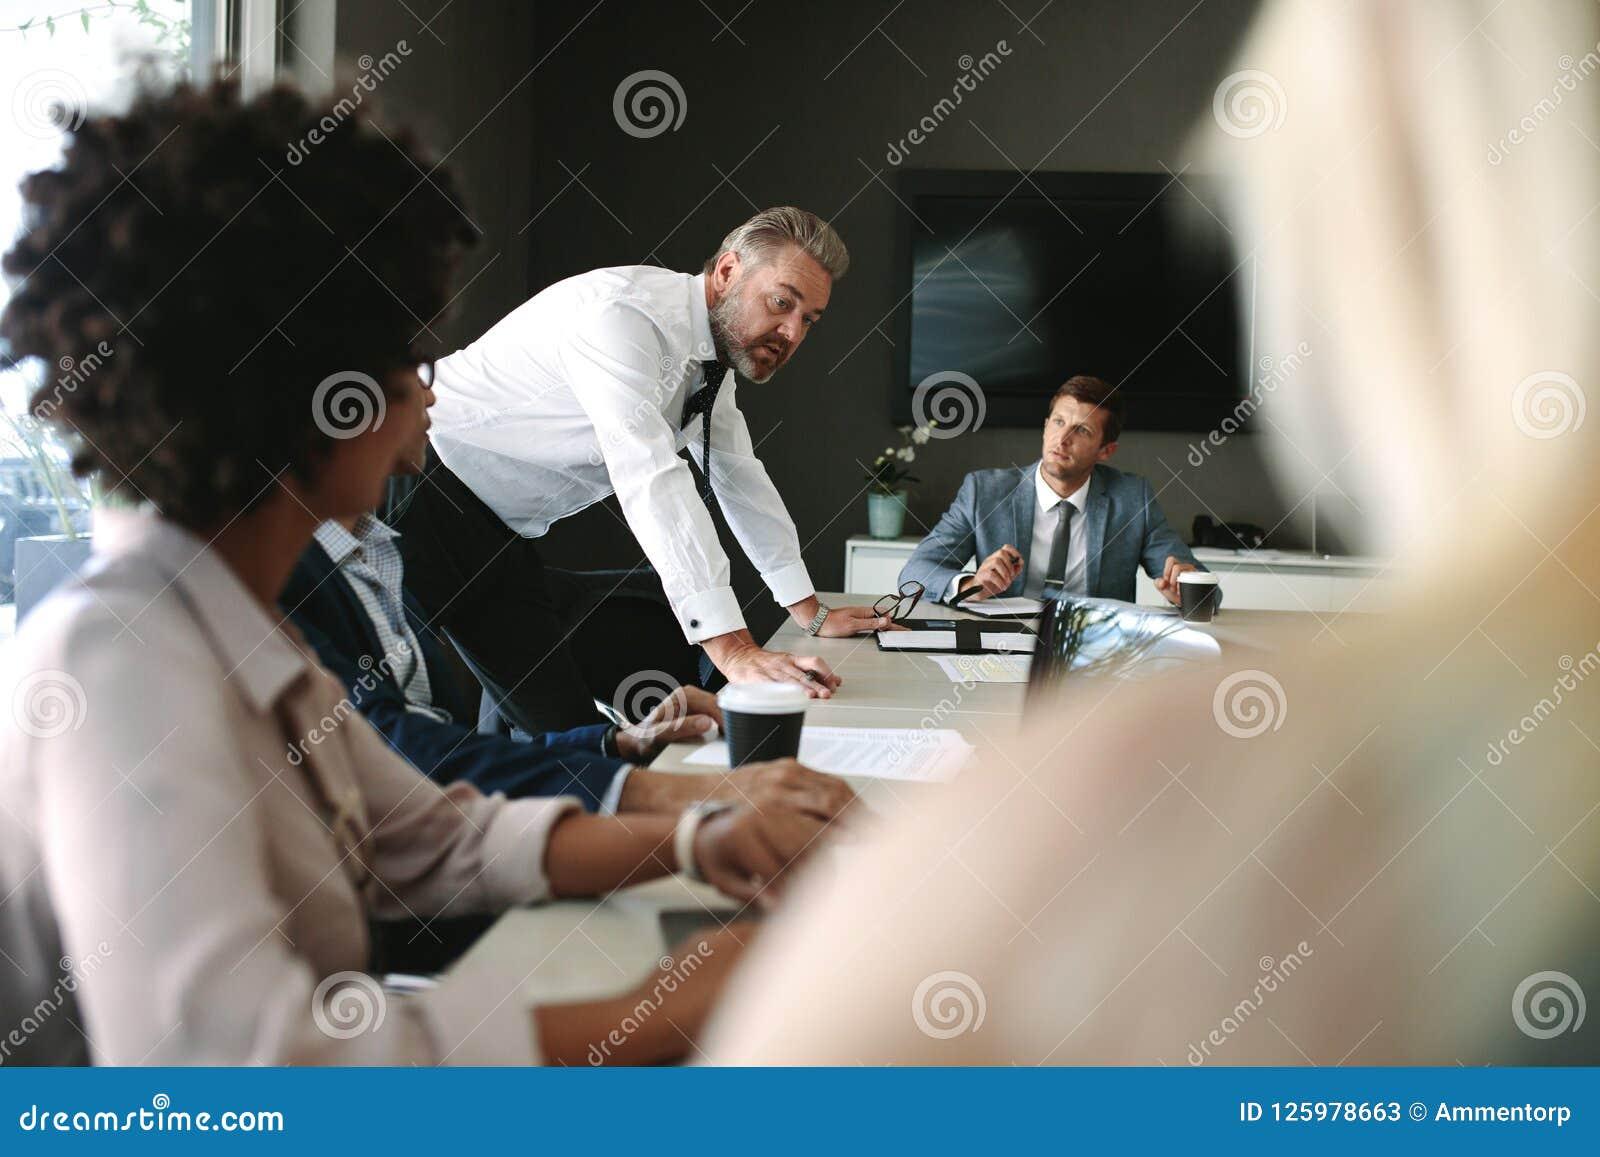 Dirigente anziano che spiega qualcosa al suo gruppo in una riunione